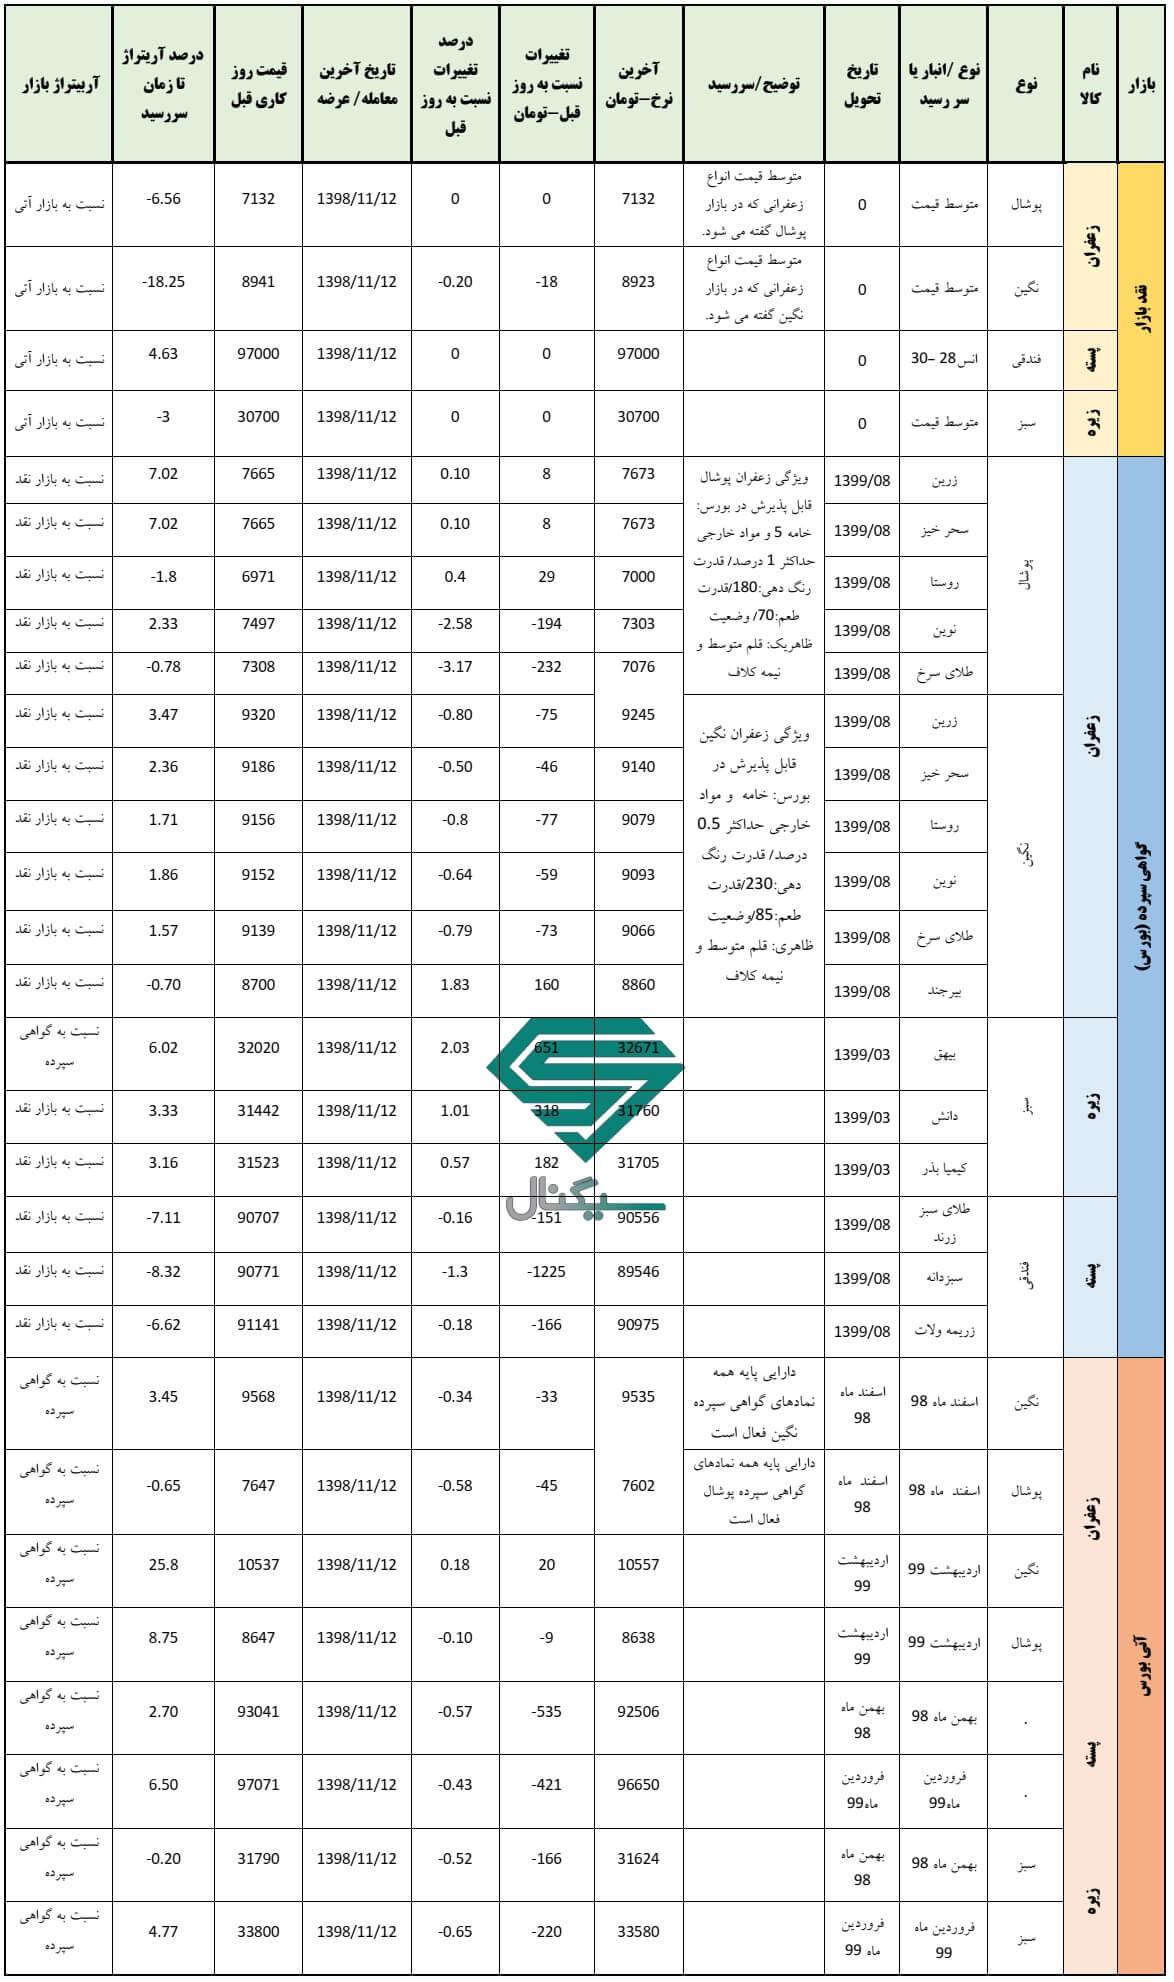 گزارش روزانه بورس کالا (19 بهمن ماه 1398)